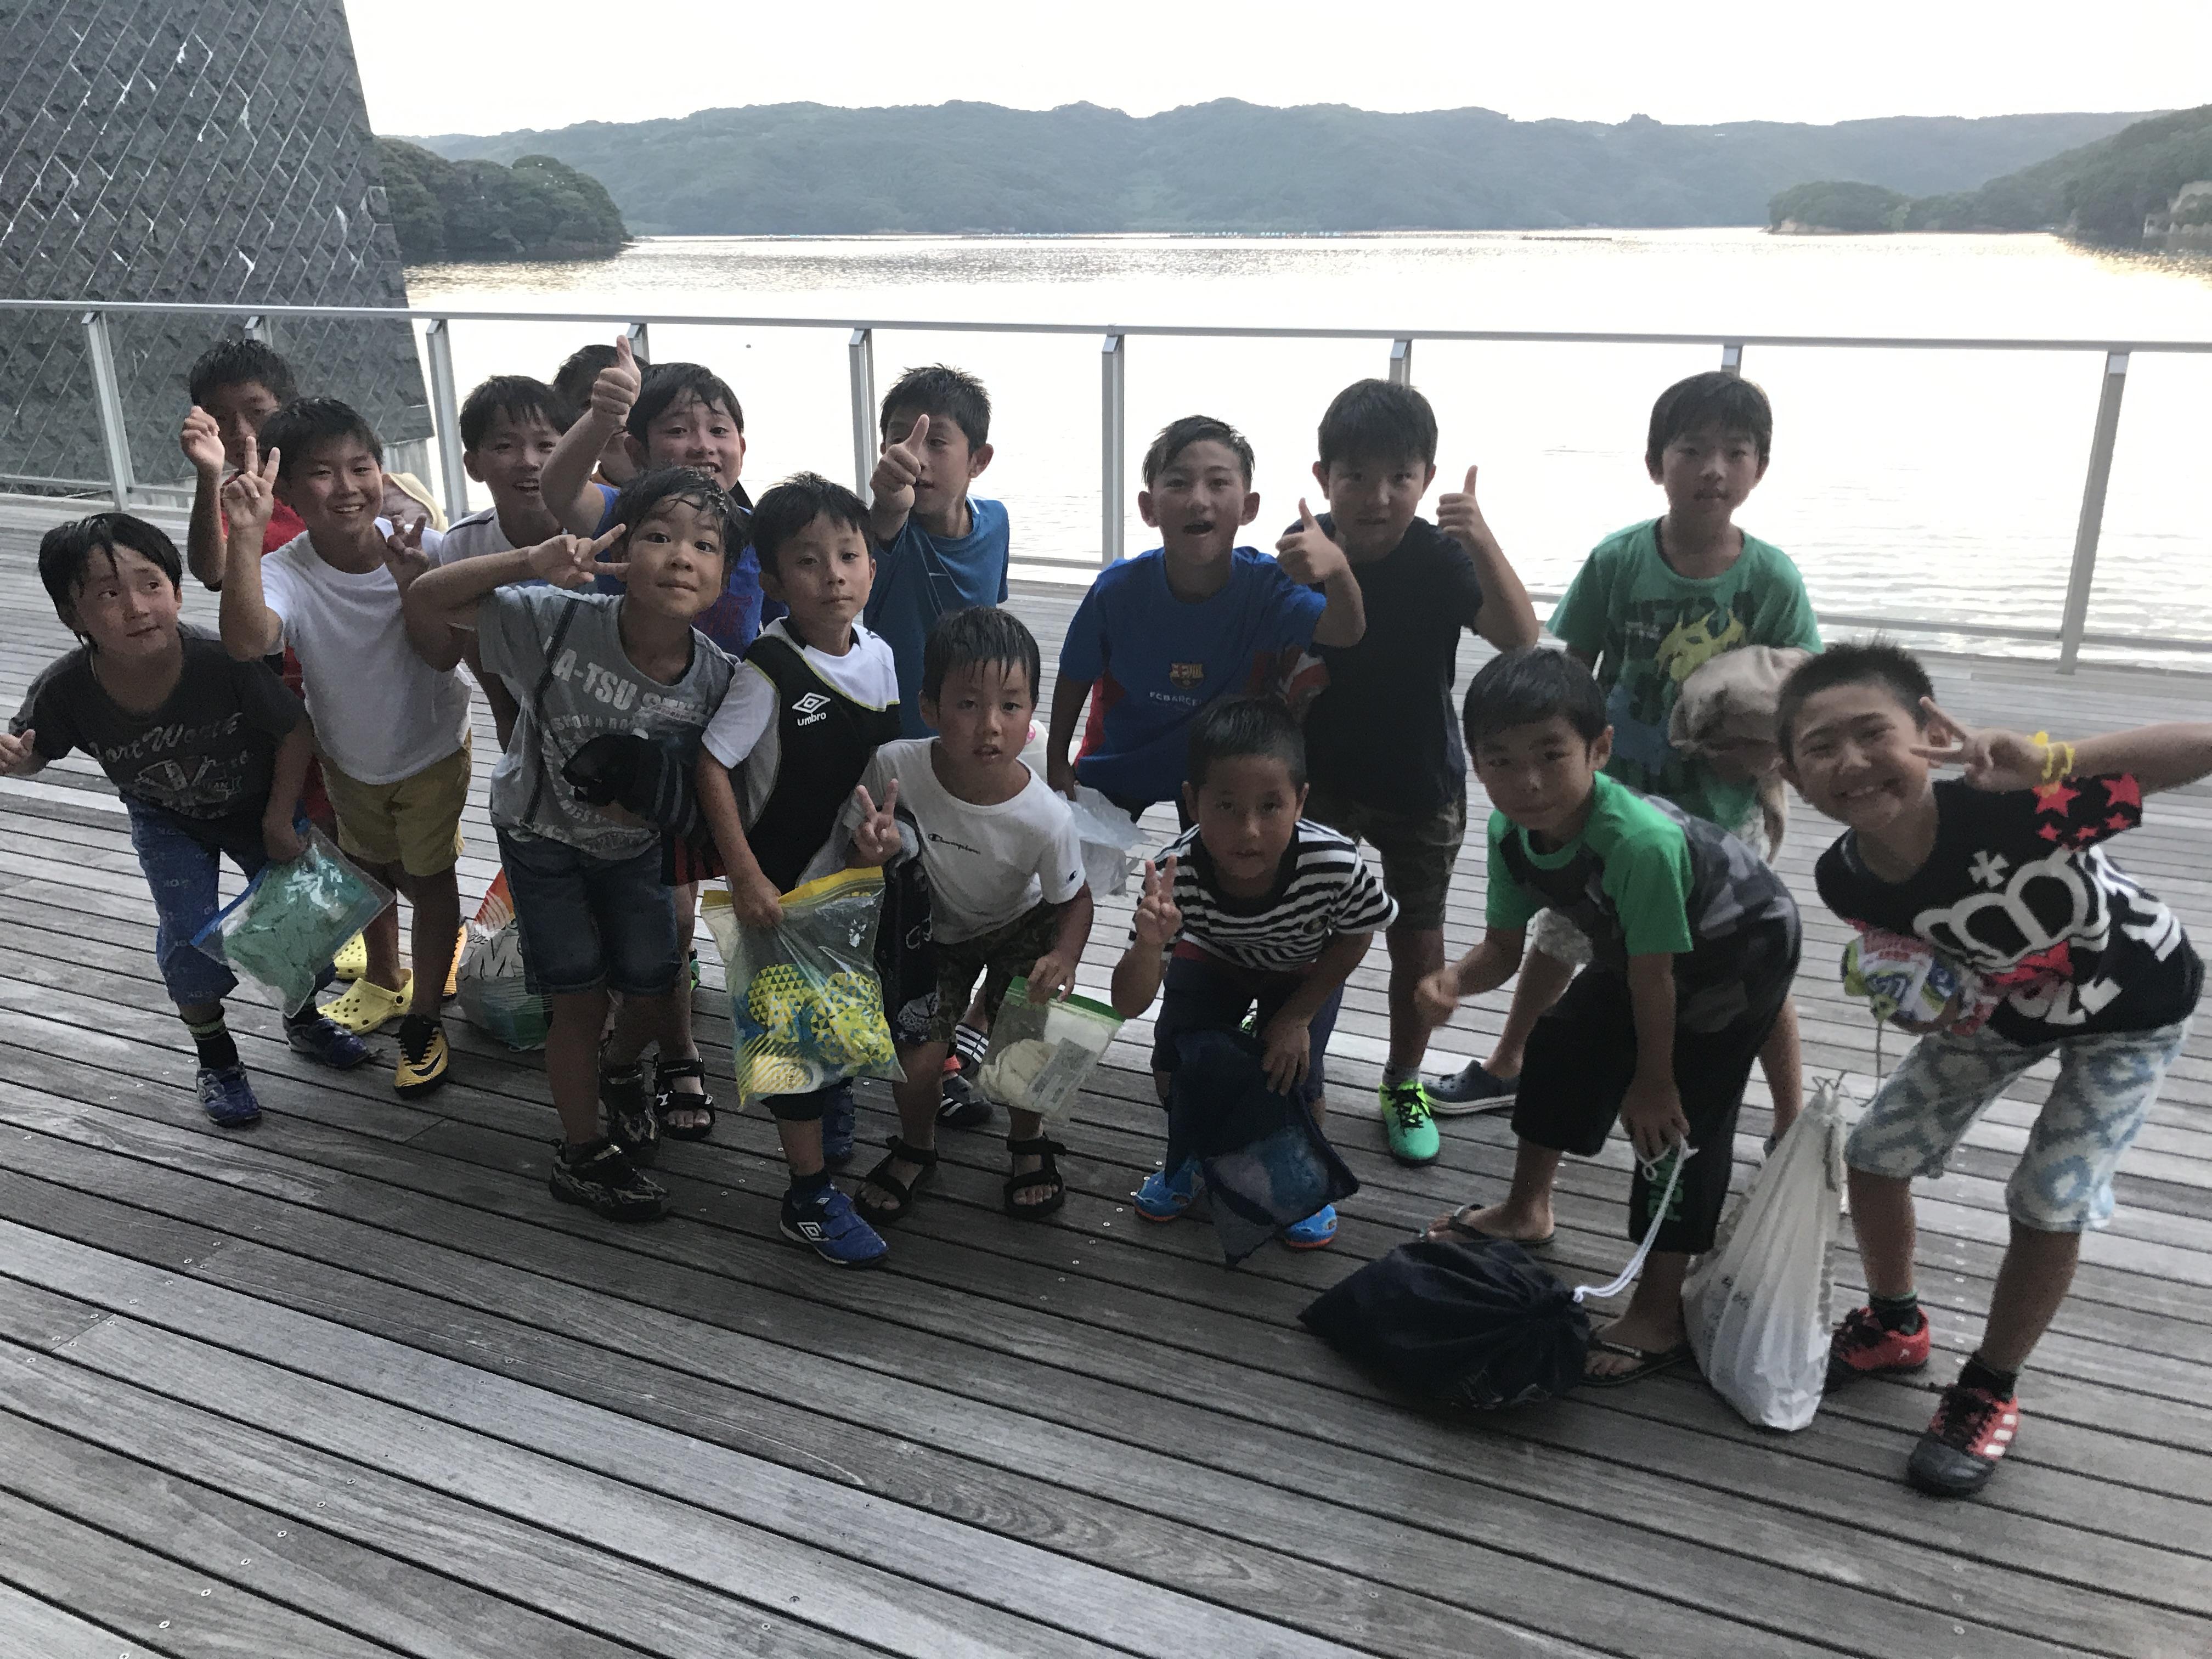 『恐怖の!?』 夏合宿キャンプ/低学年編 フォトギャラリー